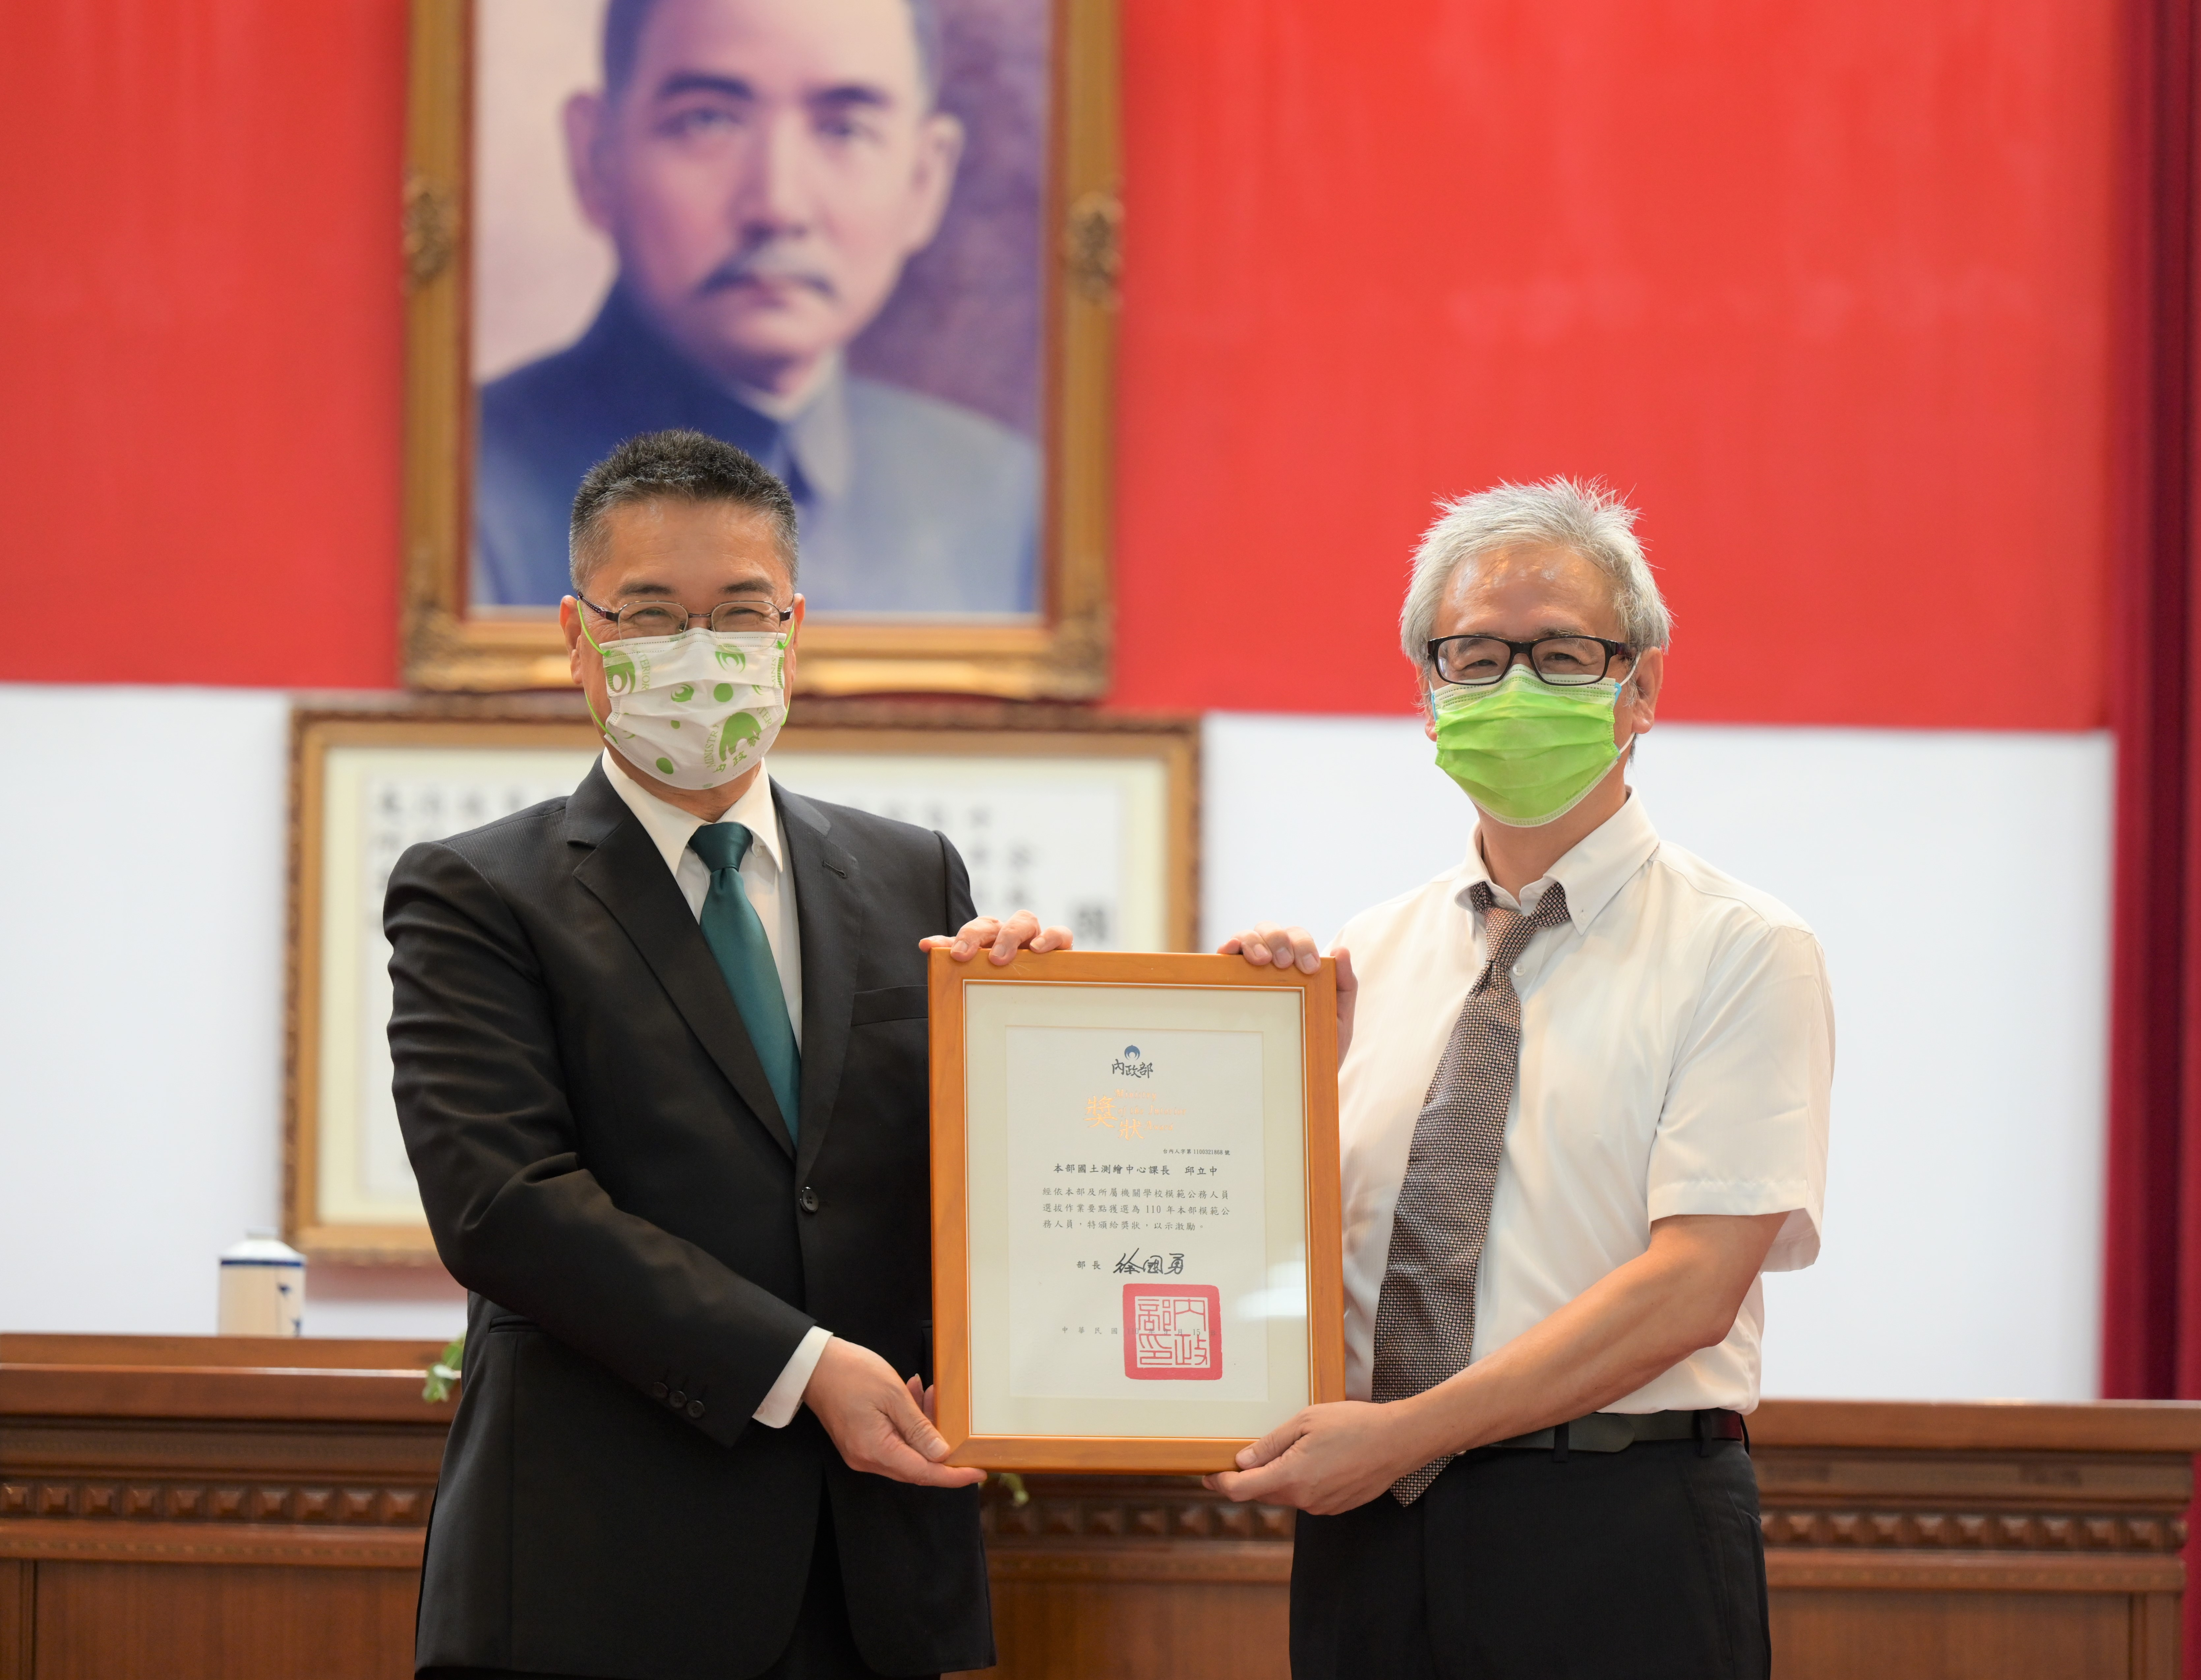 內政部徐部長國勇(左)頒贈模範公務人員獎狀予本中心邱課長立中